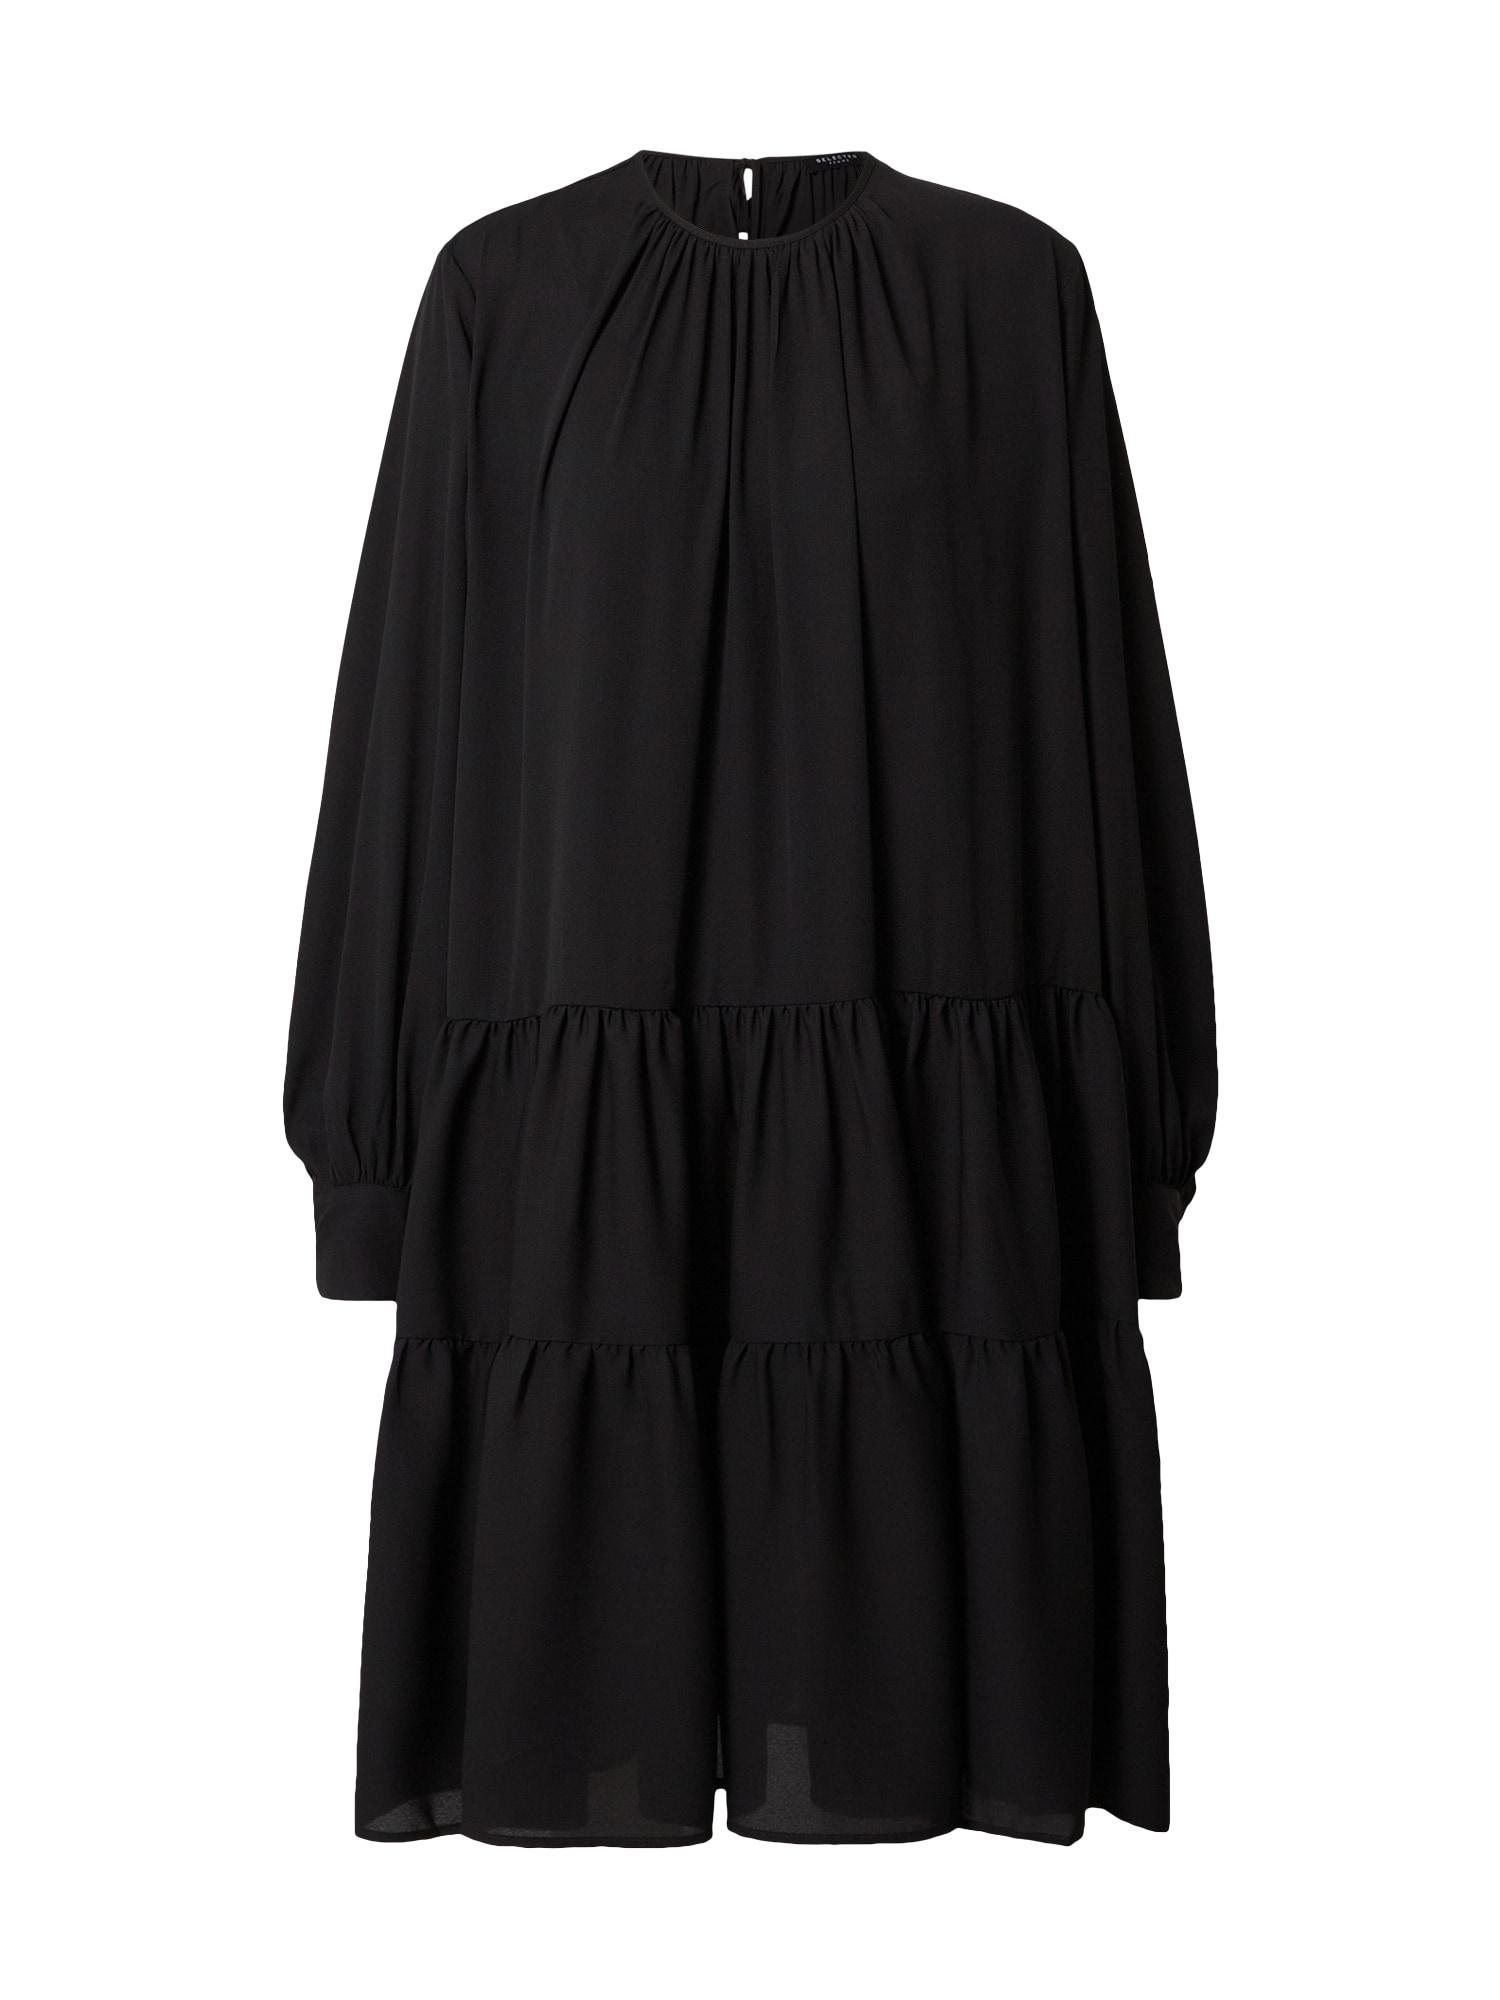 SELECTED FEMME Šaty 'Amaya'  černá